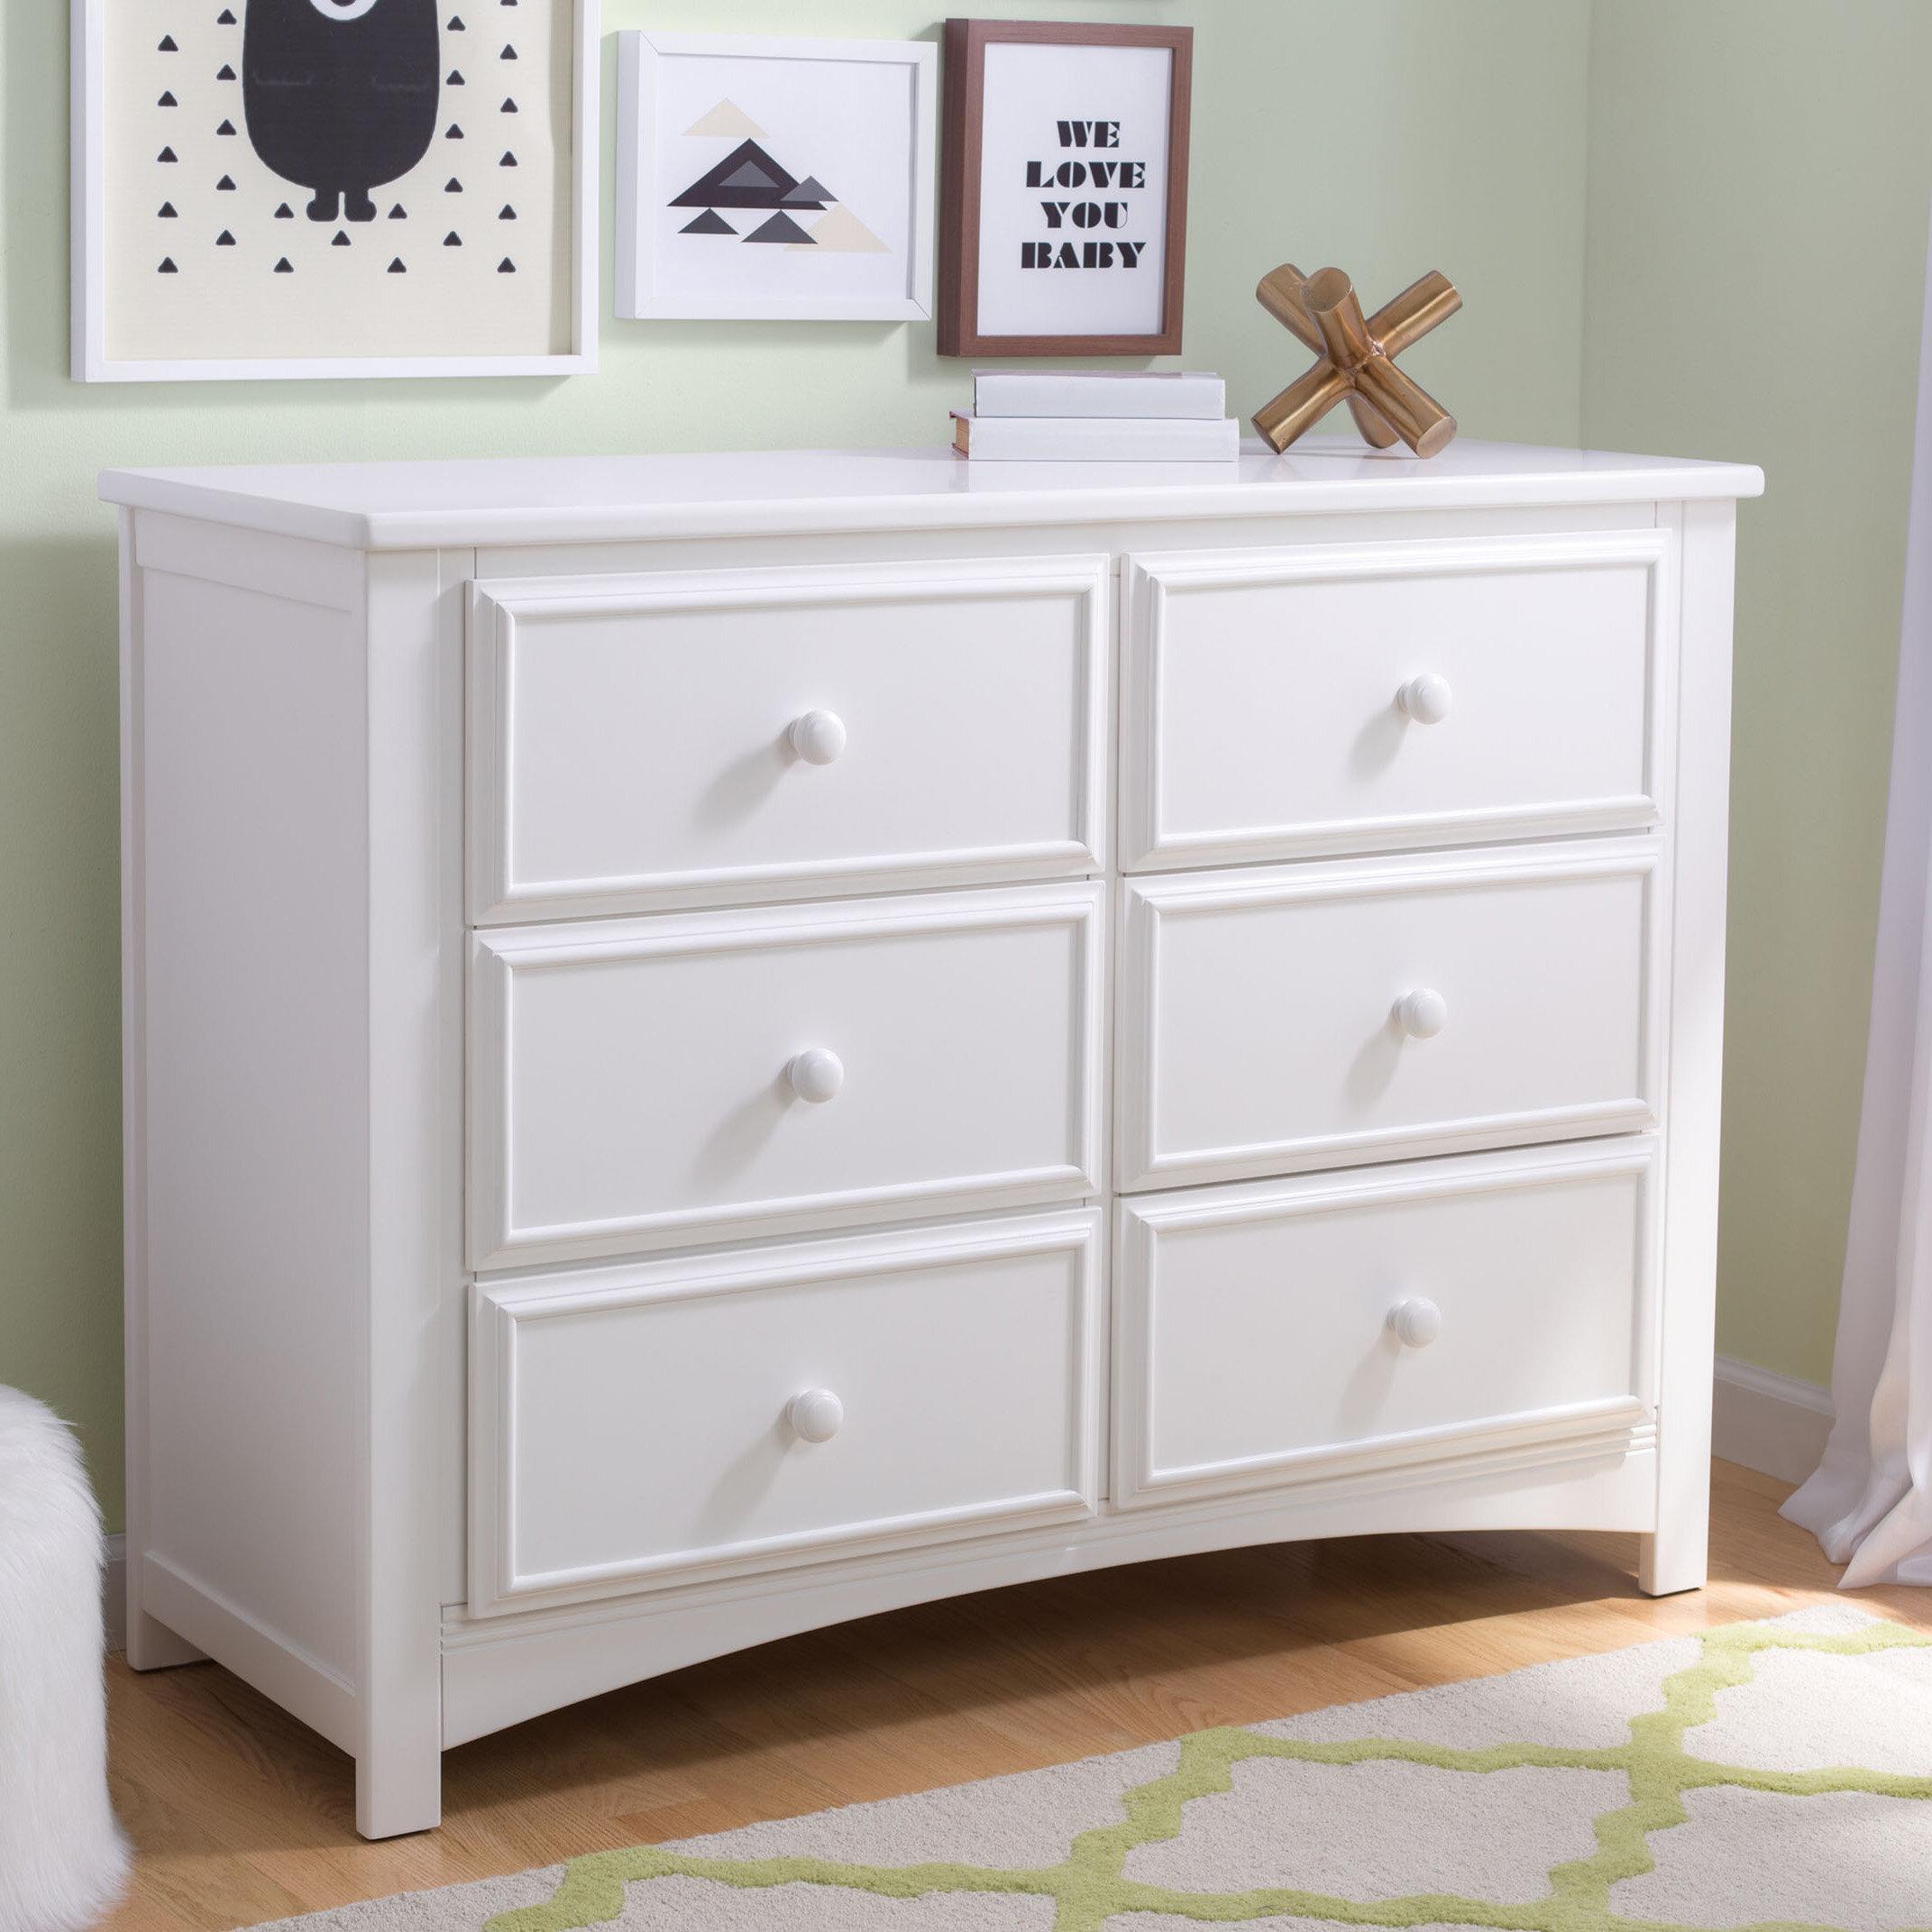 Delta Children 6 Drawer Double Dresser